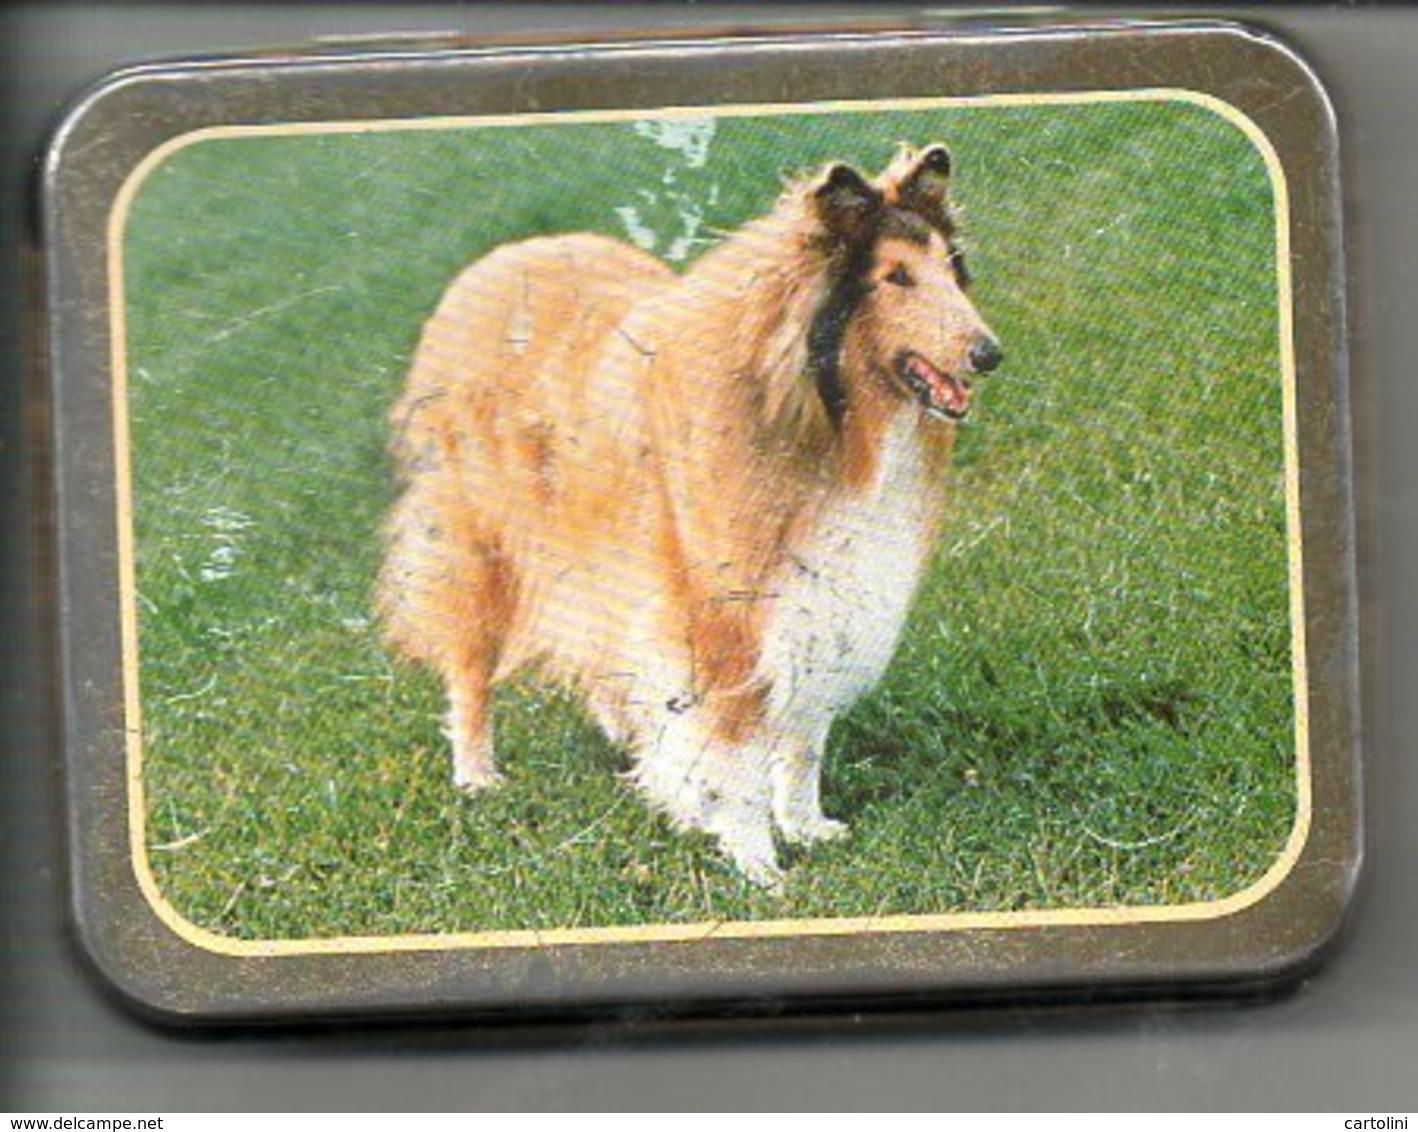 Tabaksdoos Boite De  Tabac Tabak  Reclame Rizla Publiciteit Afb.  Hond  Chien Dog Hund  Collie Lassie - Contenitori Di Tabacco (vuoti)